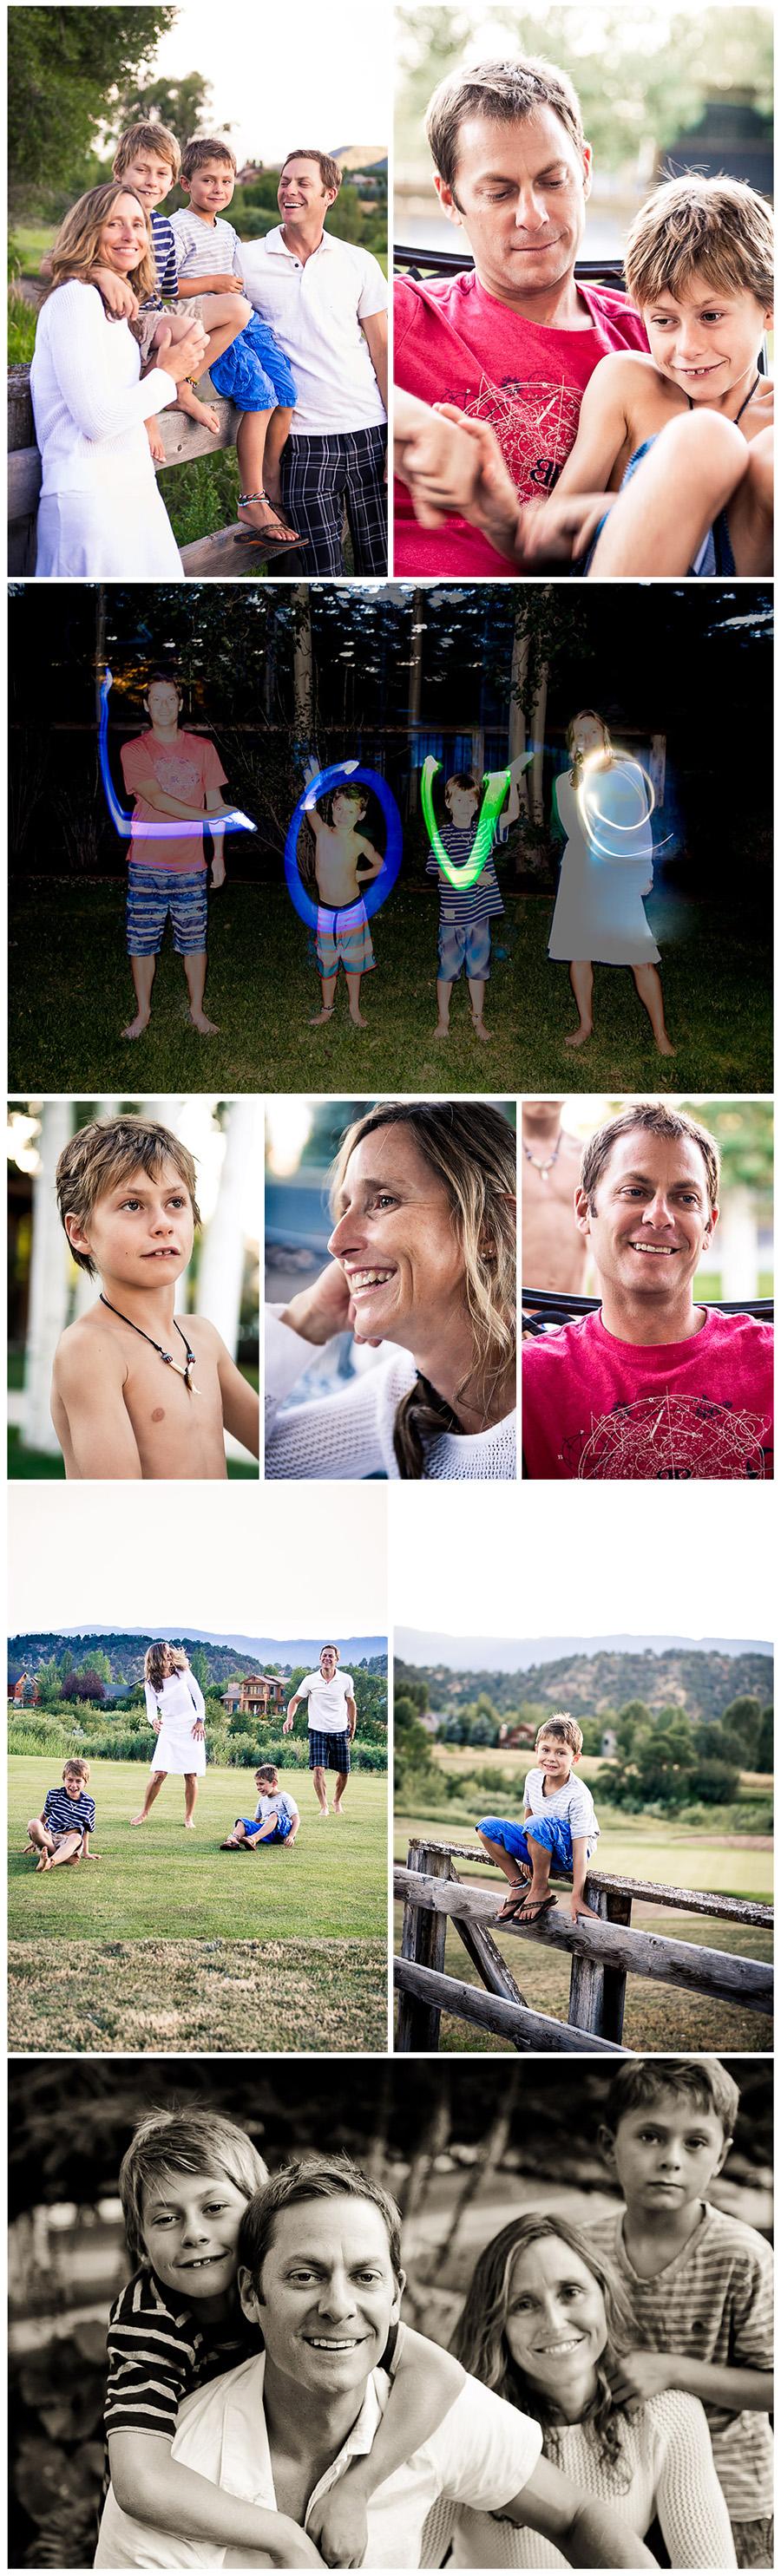 Yoga photos Carpenter Familly Collage 2